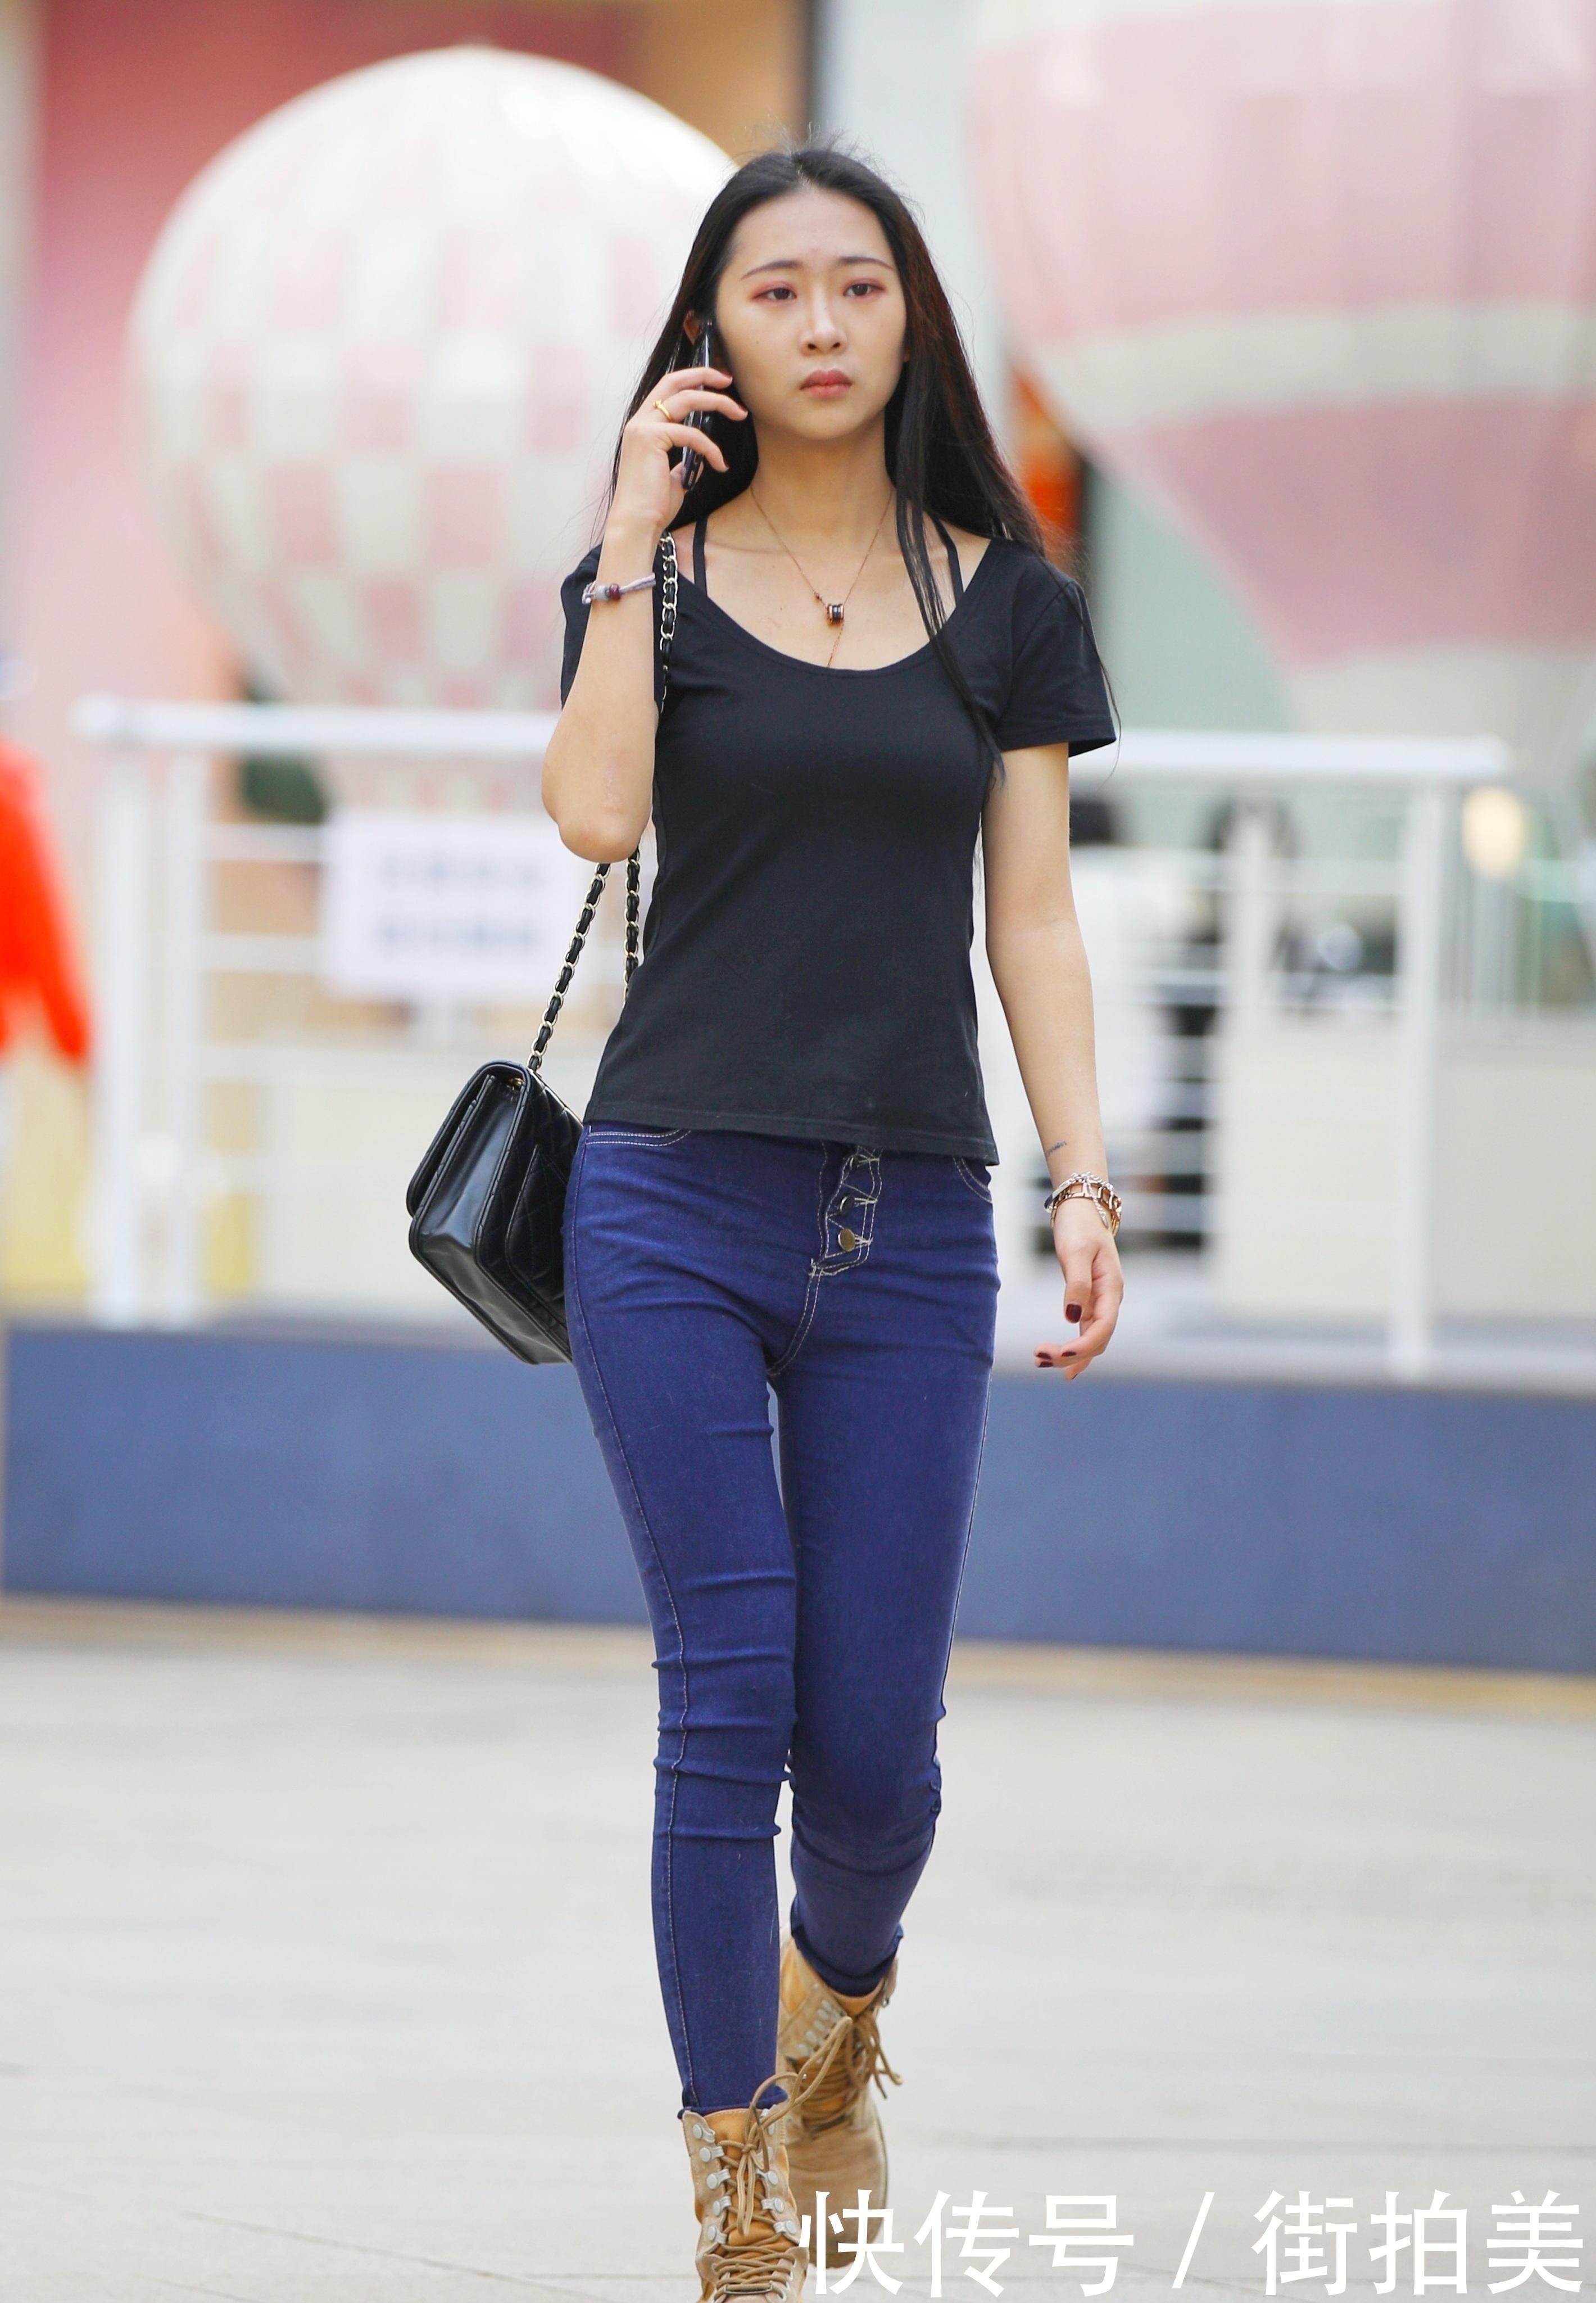 街拍:黑色紧身短袖搭配深蓝色紧身牛仔裤,配马